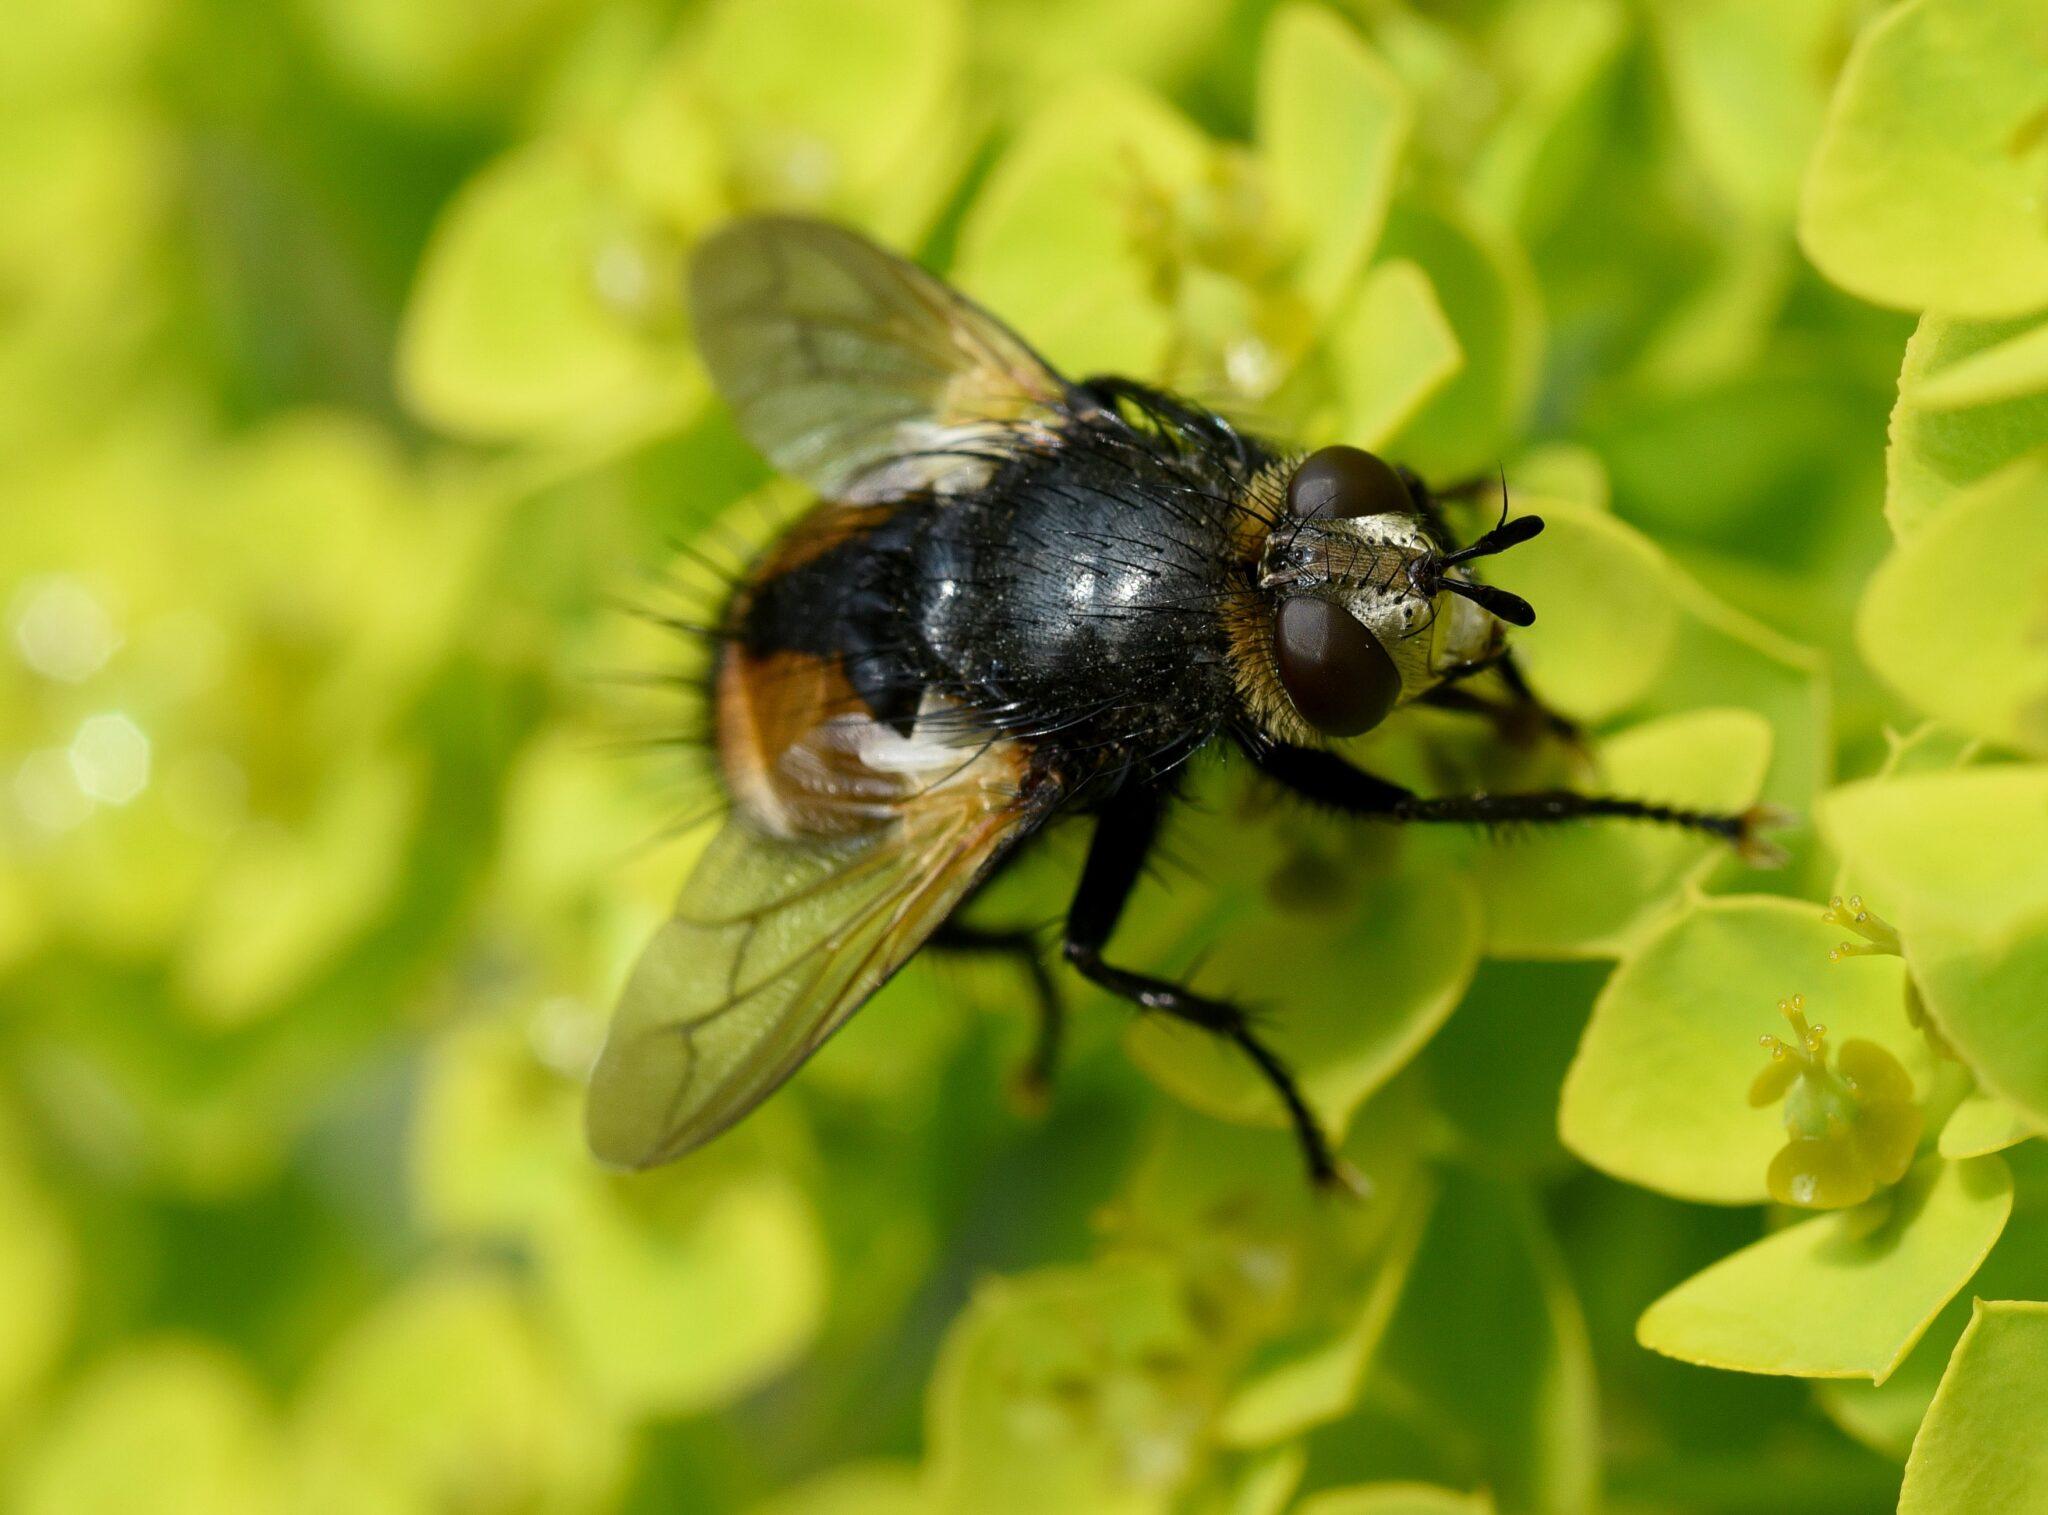 Skadedyrsbekæmpelse fluer